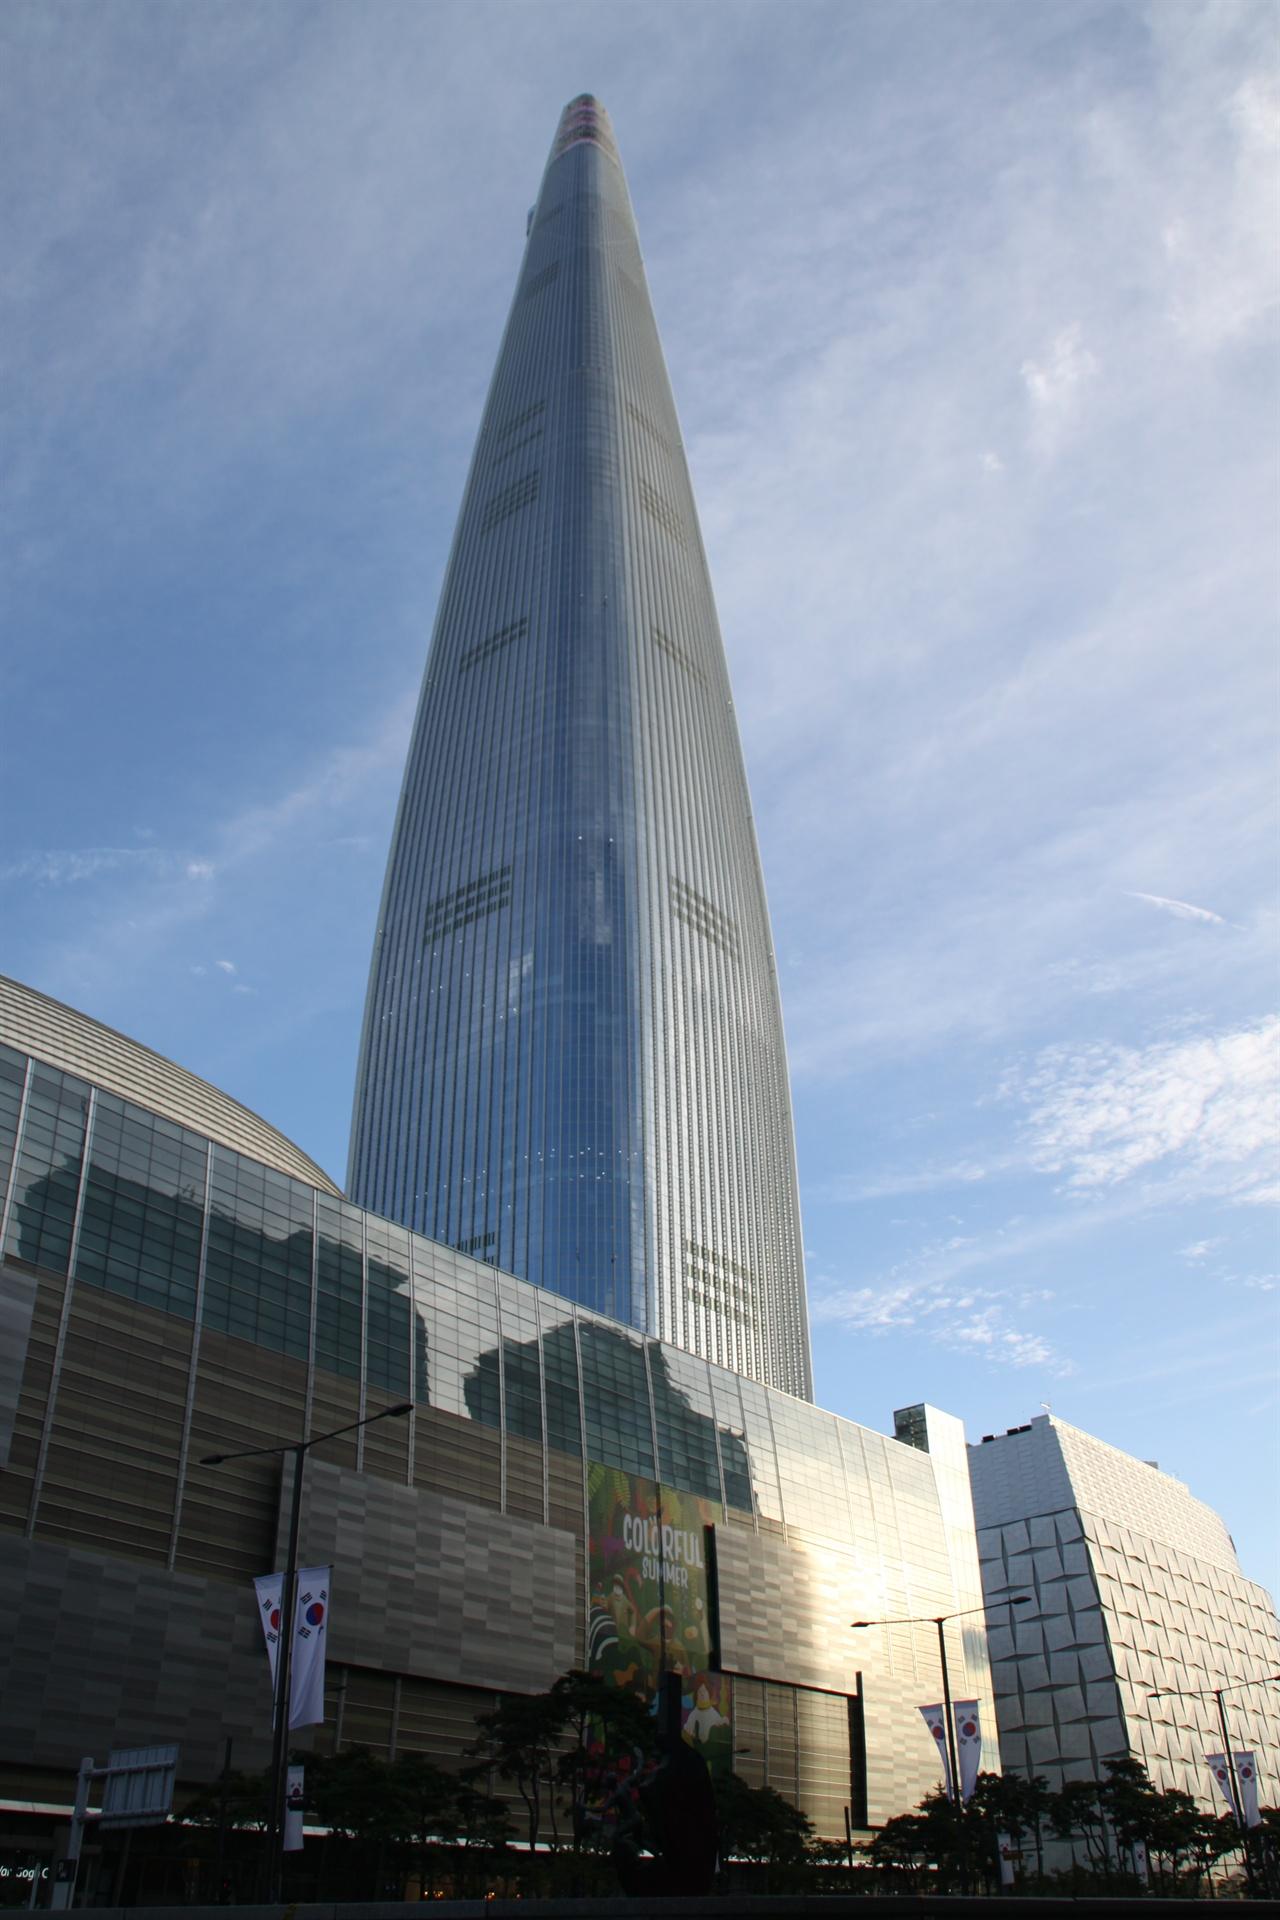 제2롯데월드(롯데월드타워) 제2롯데월드 프로젝트는 1988년 송파구 신천동 29번지 일대 8만7182㎡(2만6373평)의 땅을 사들이면서 시작되어 2014년 10월 에비뉴엘동, 쇼핑몰동, 엔터테인먼트동이 개관한 다음 2017년 4월 3일 123층, 555m 높이의 롯데월드타워가 완공되면서 마감되었다.